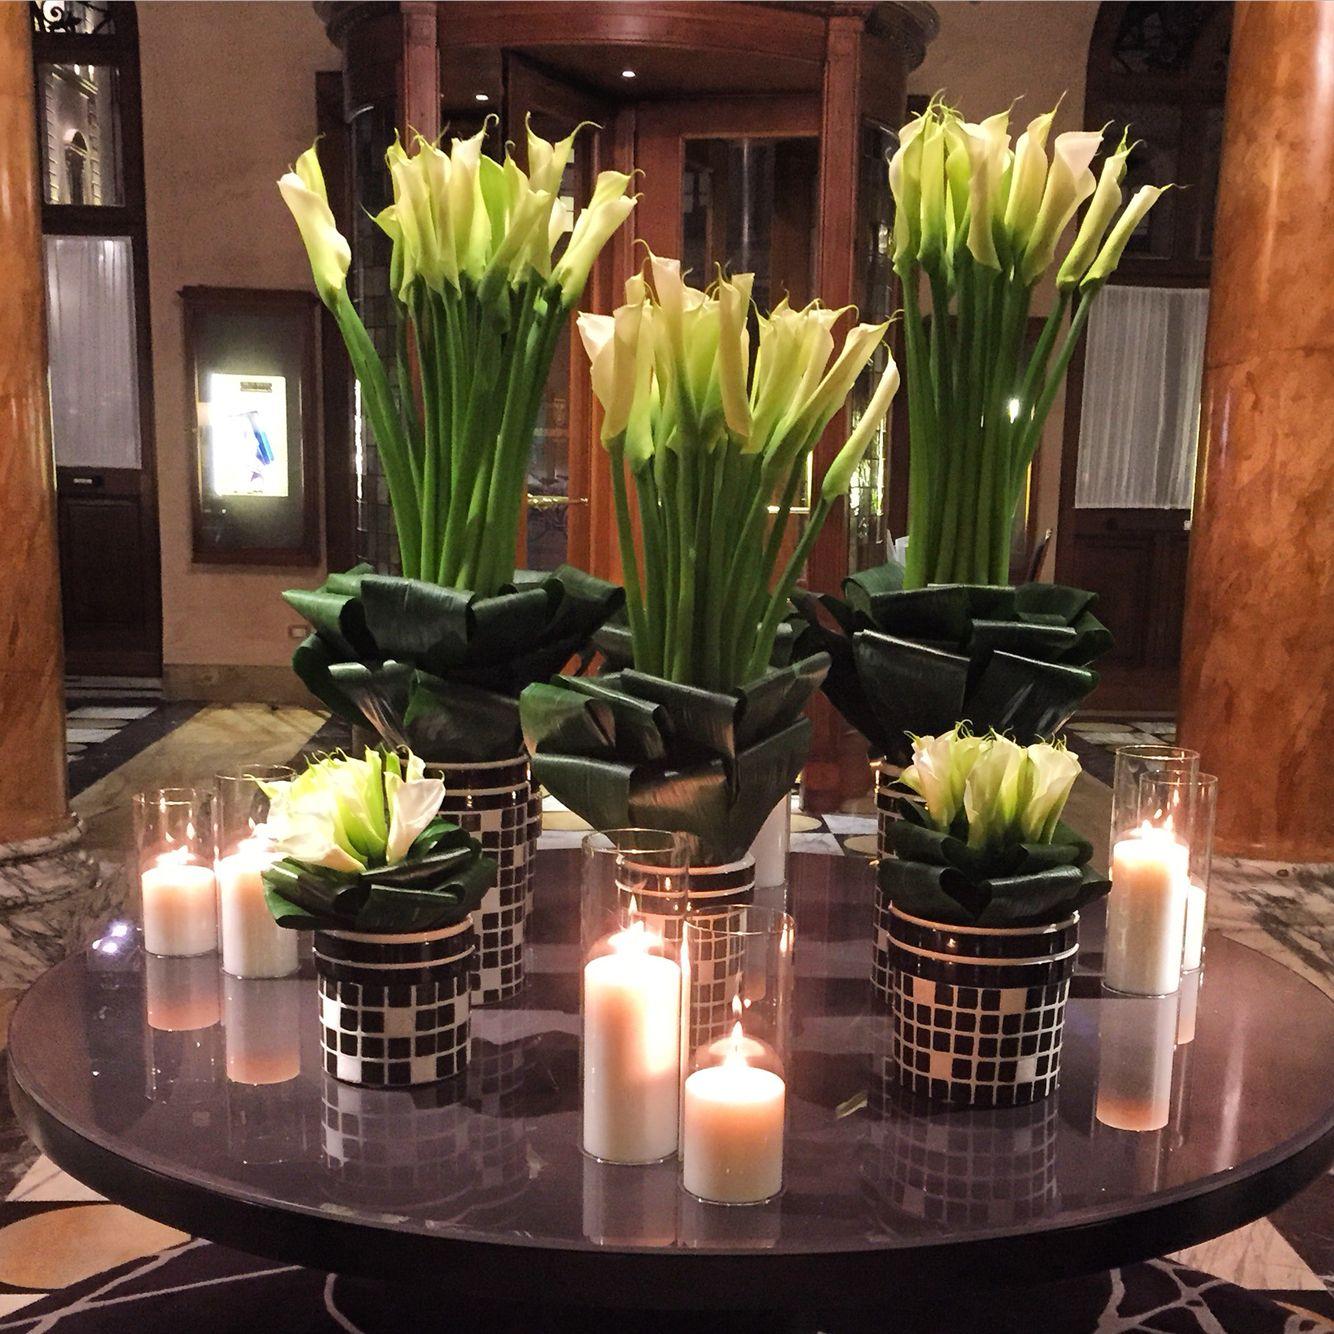 Las Flores han sido desde siempre, la decoración natural más atractiva que existe, las velas por su parte ofrecen una mística relajante #flores #velas #centrosdemesa #decoracion #rennaise #eltesoro #medellin